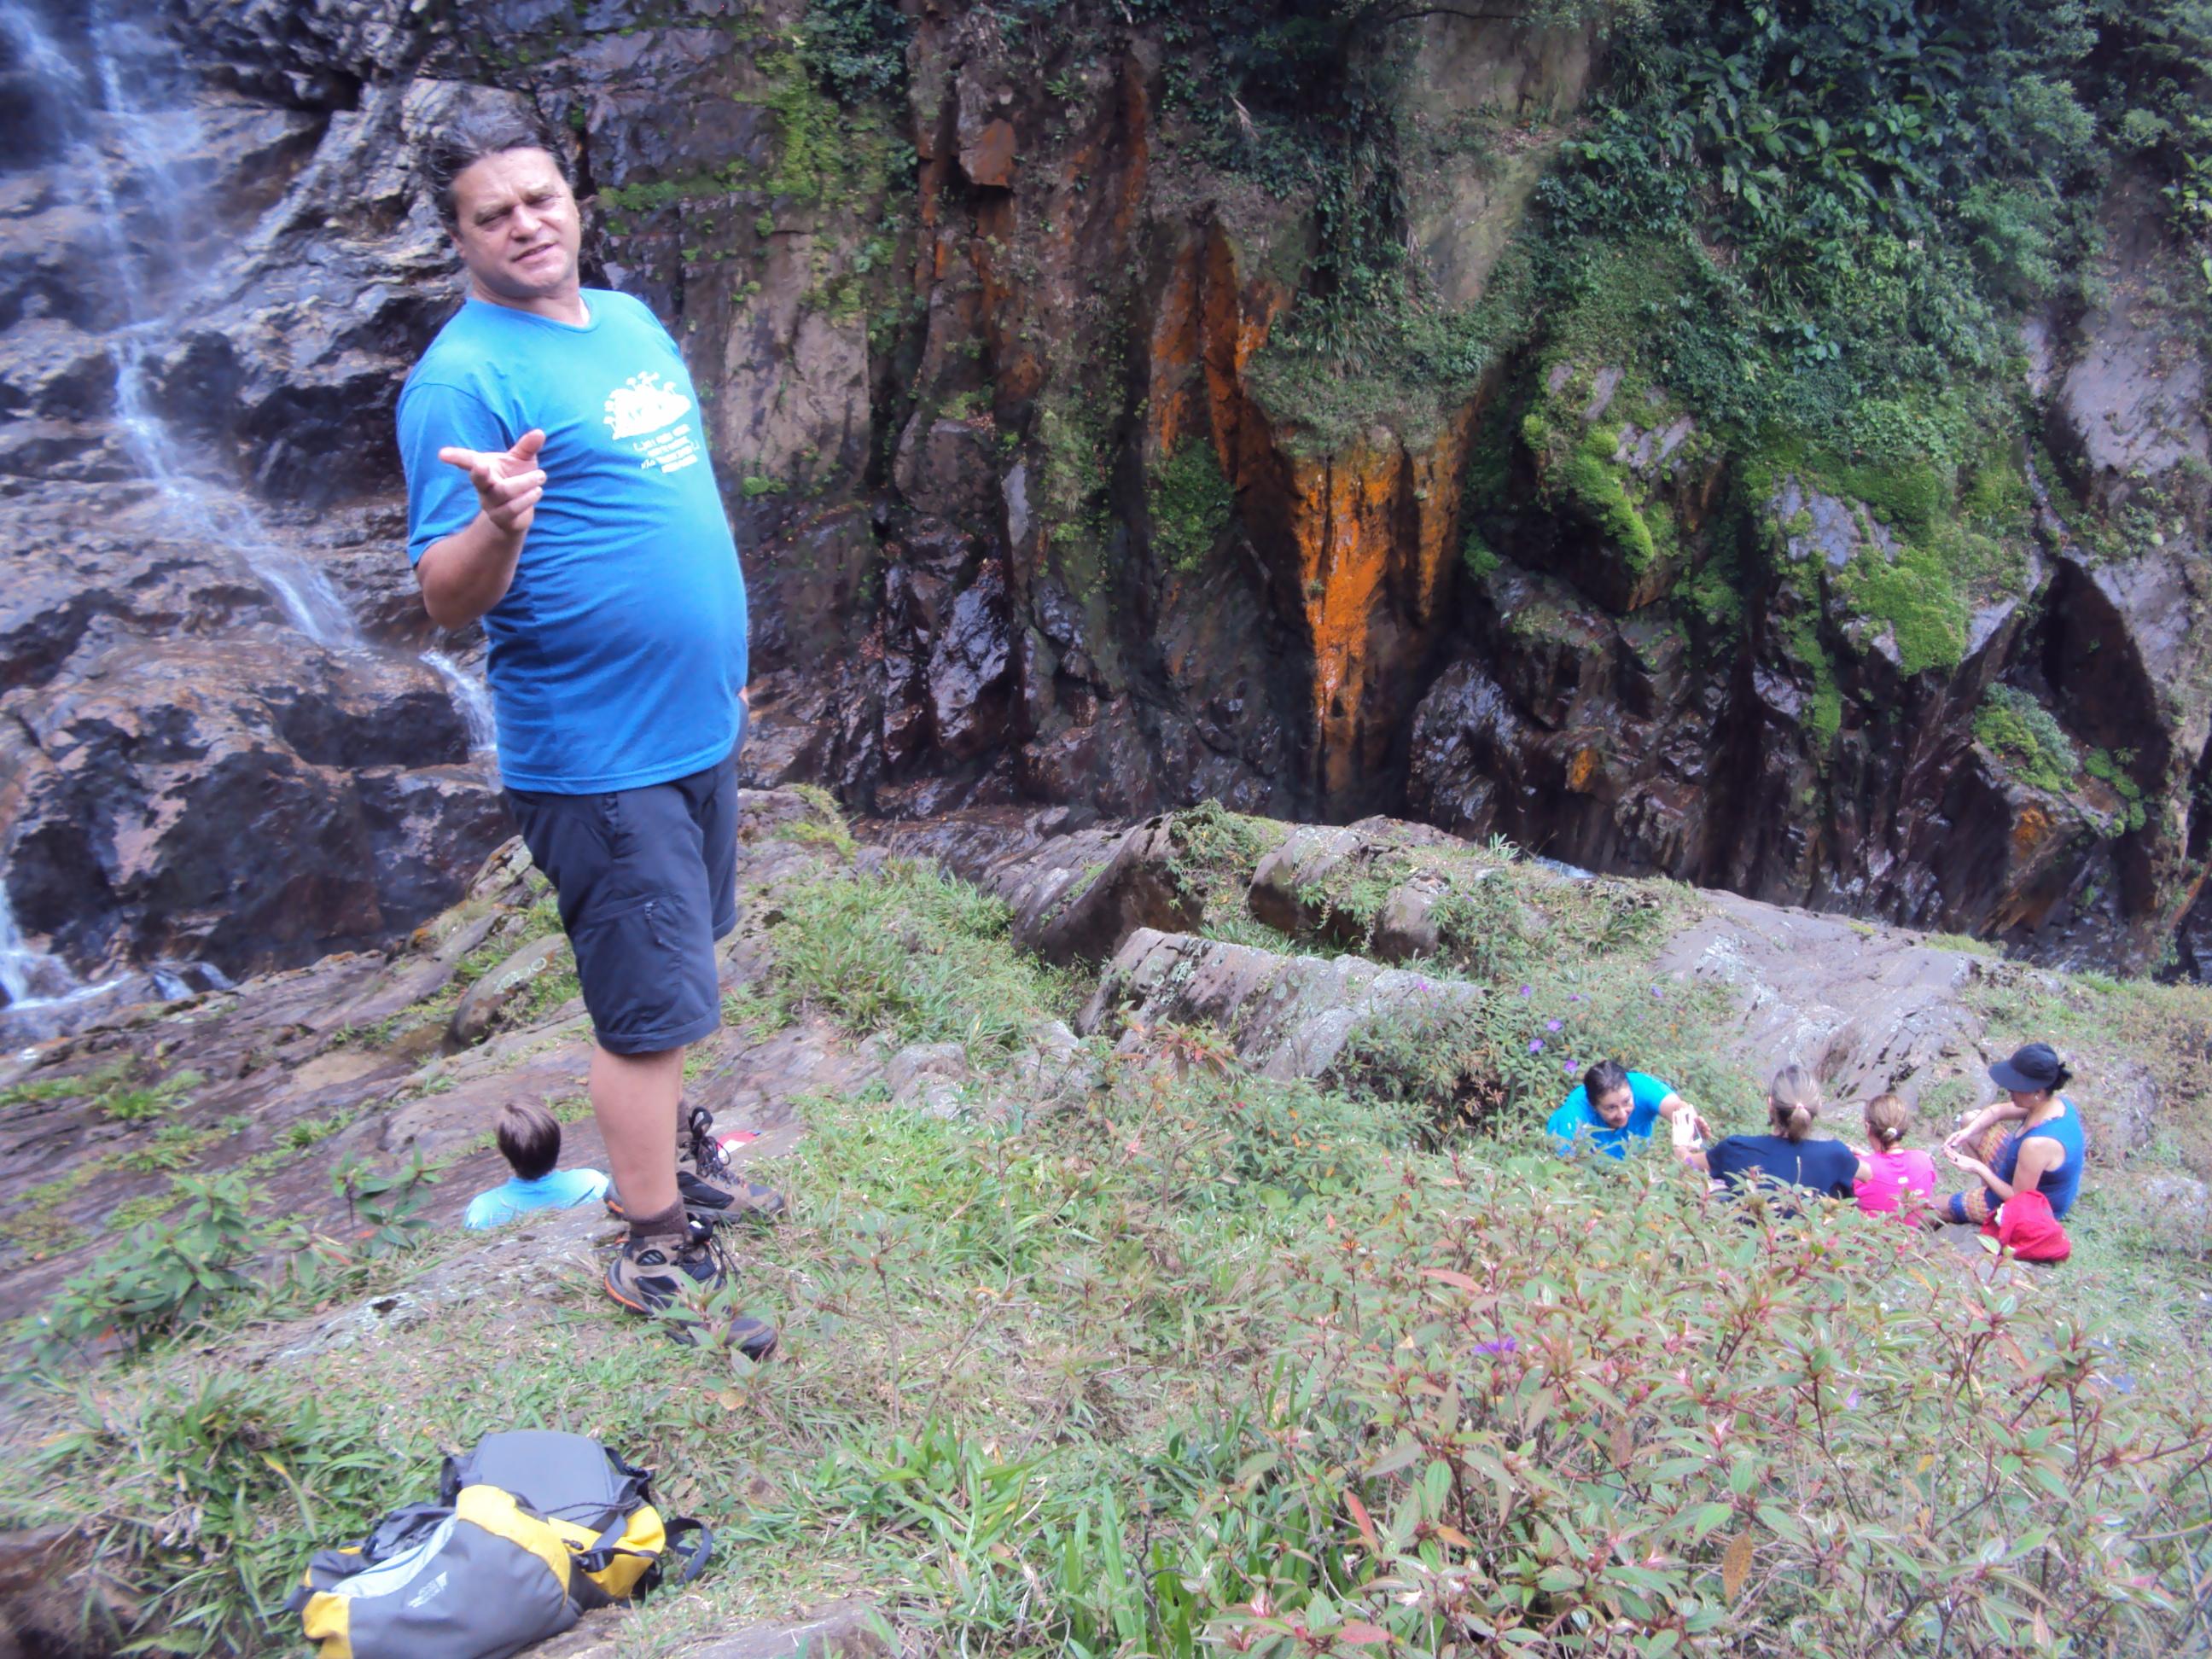 Vale das cachoeiras novembro 2014 053.jpg